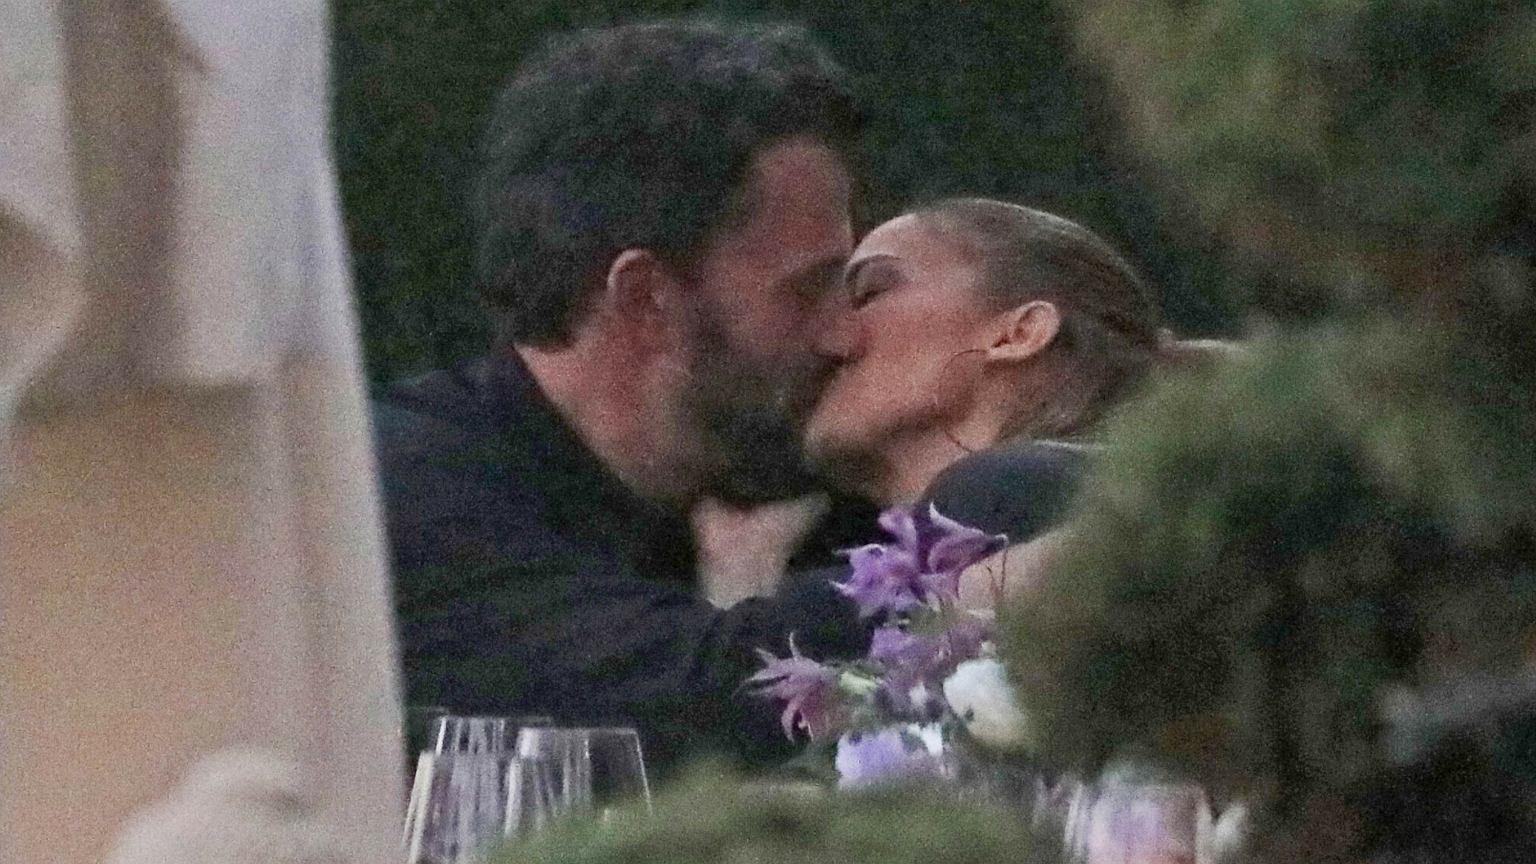 PIERWSZE zdjęcia pocałunku Jennifer Lopez i Bena Afflecka. Nie wytrzymali na urodzinach siostry artystki